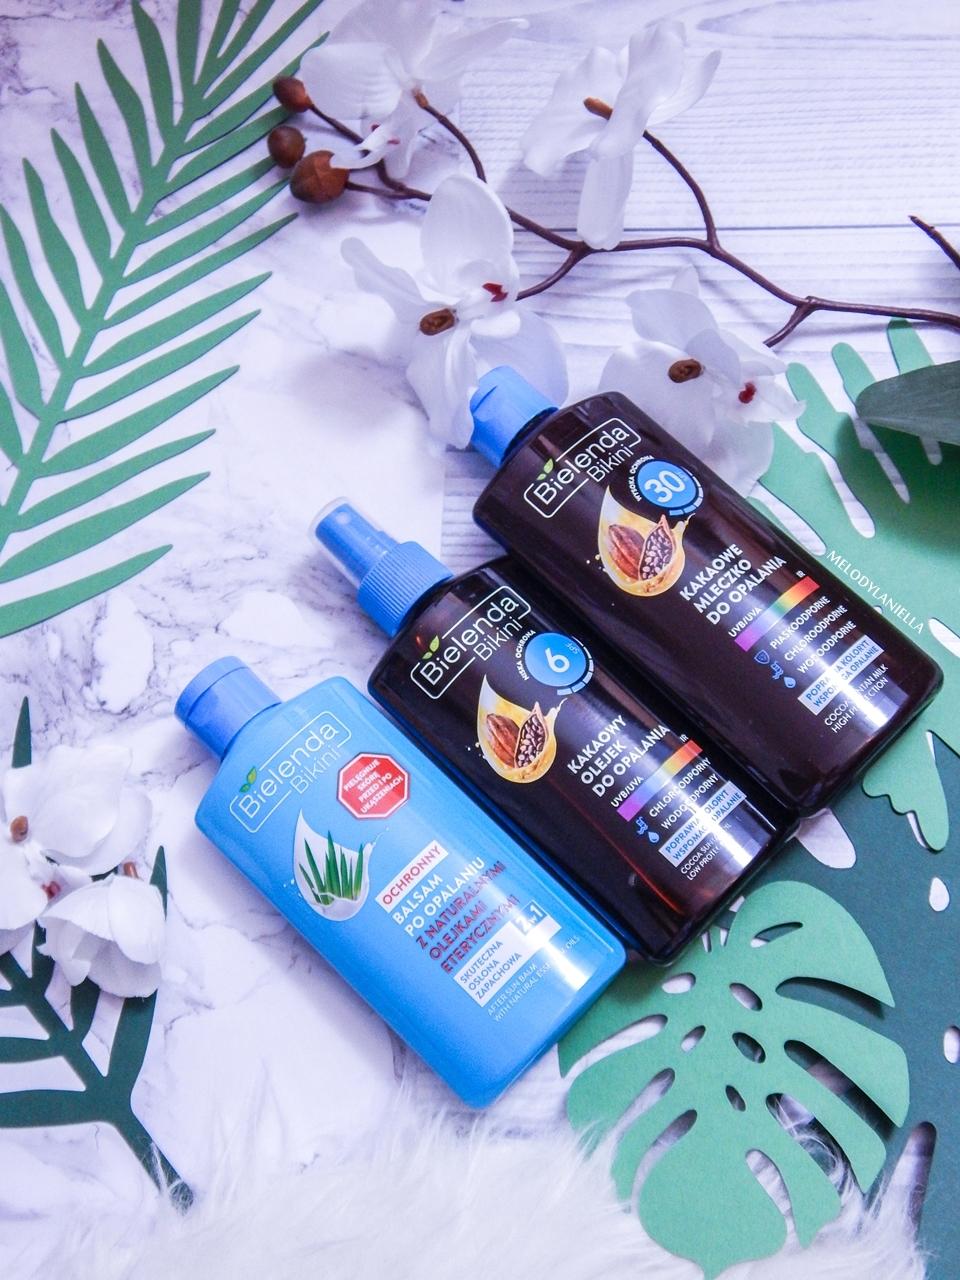 5 bielenda jak chronić skórę przed słońcem balsam po obalaniu bielenda bikini kakaowy olejek do opalania 6spf 30 spf jak dbać o skórę latem ochrona skóry w wakacje recenzje opinie bielenda melodylaniella